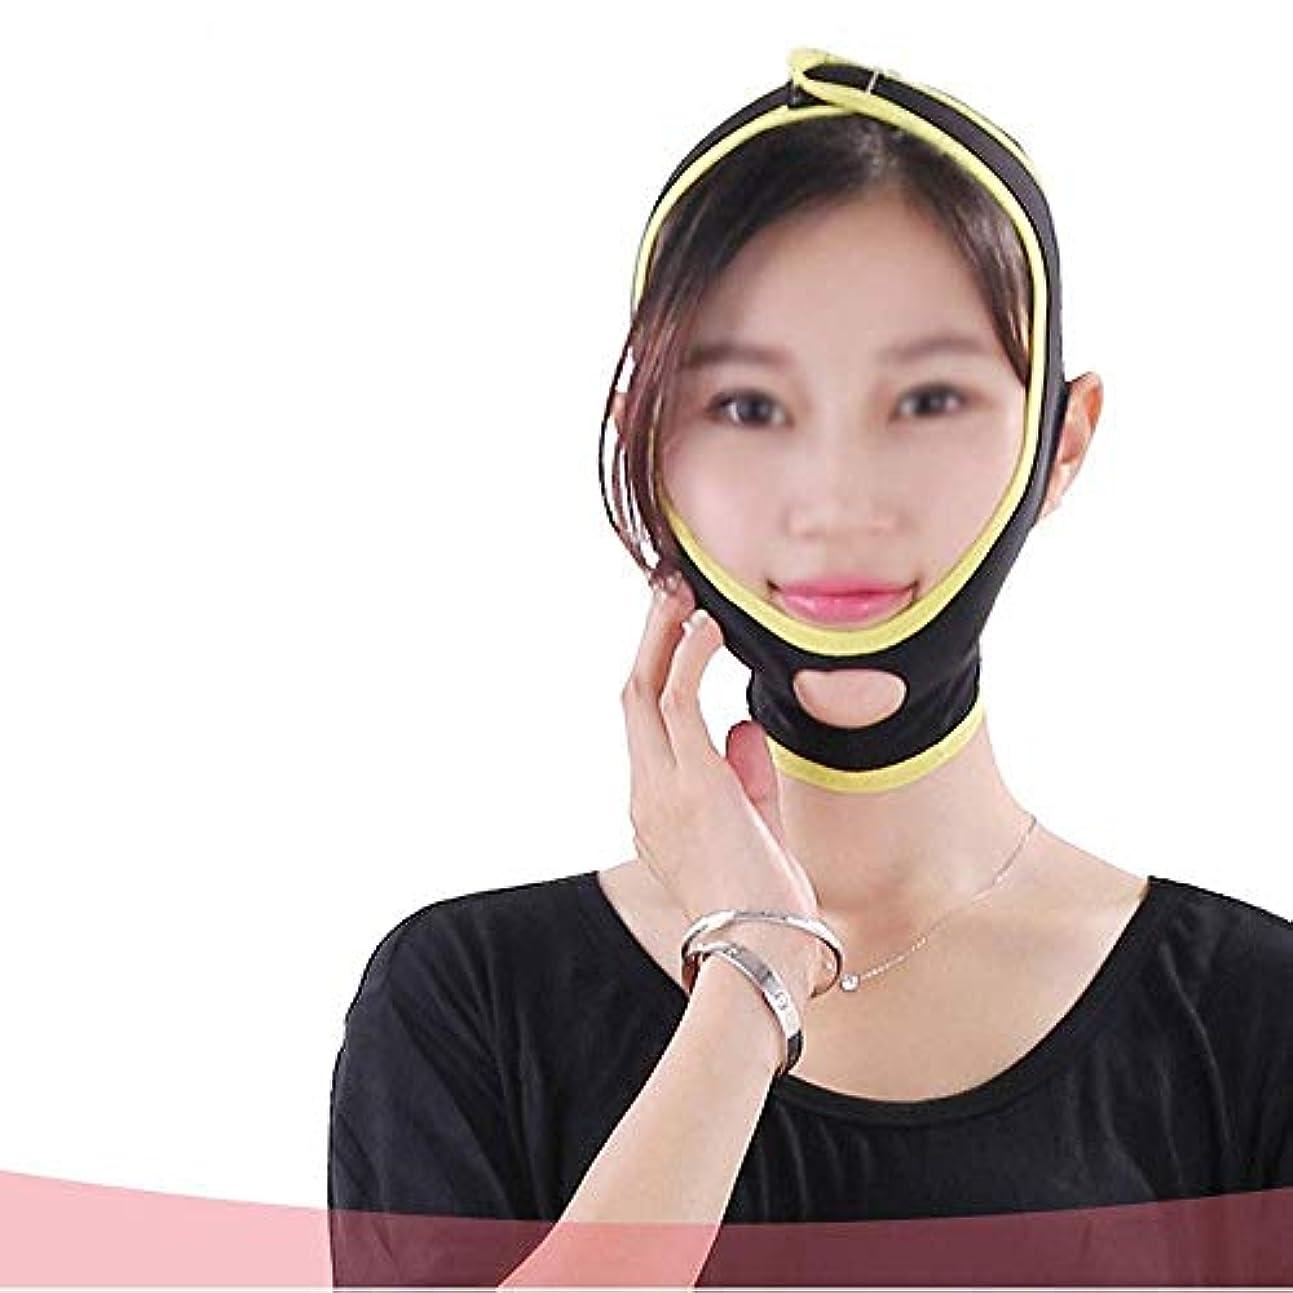 気を散らす一般南極睡眠用フェイスマスク、薄い顔の包帯、小さな顔Vの顔、薄い顔、フェイスリフト付き(サイズ:M)